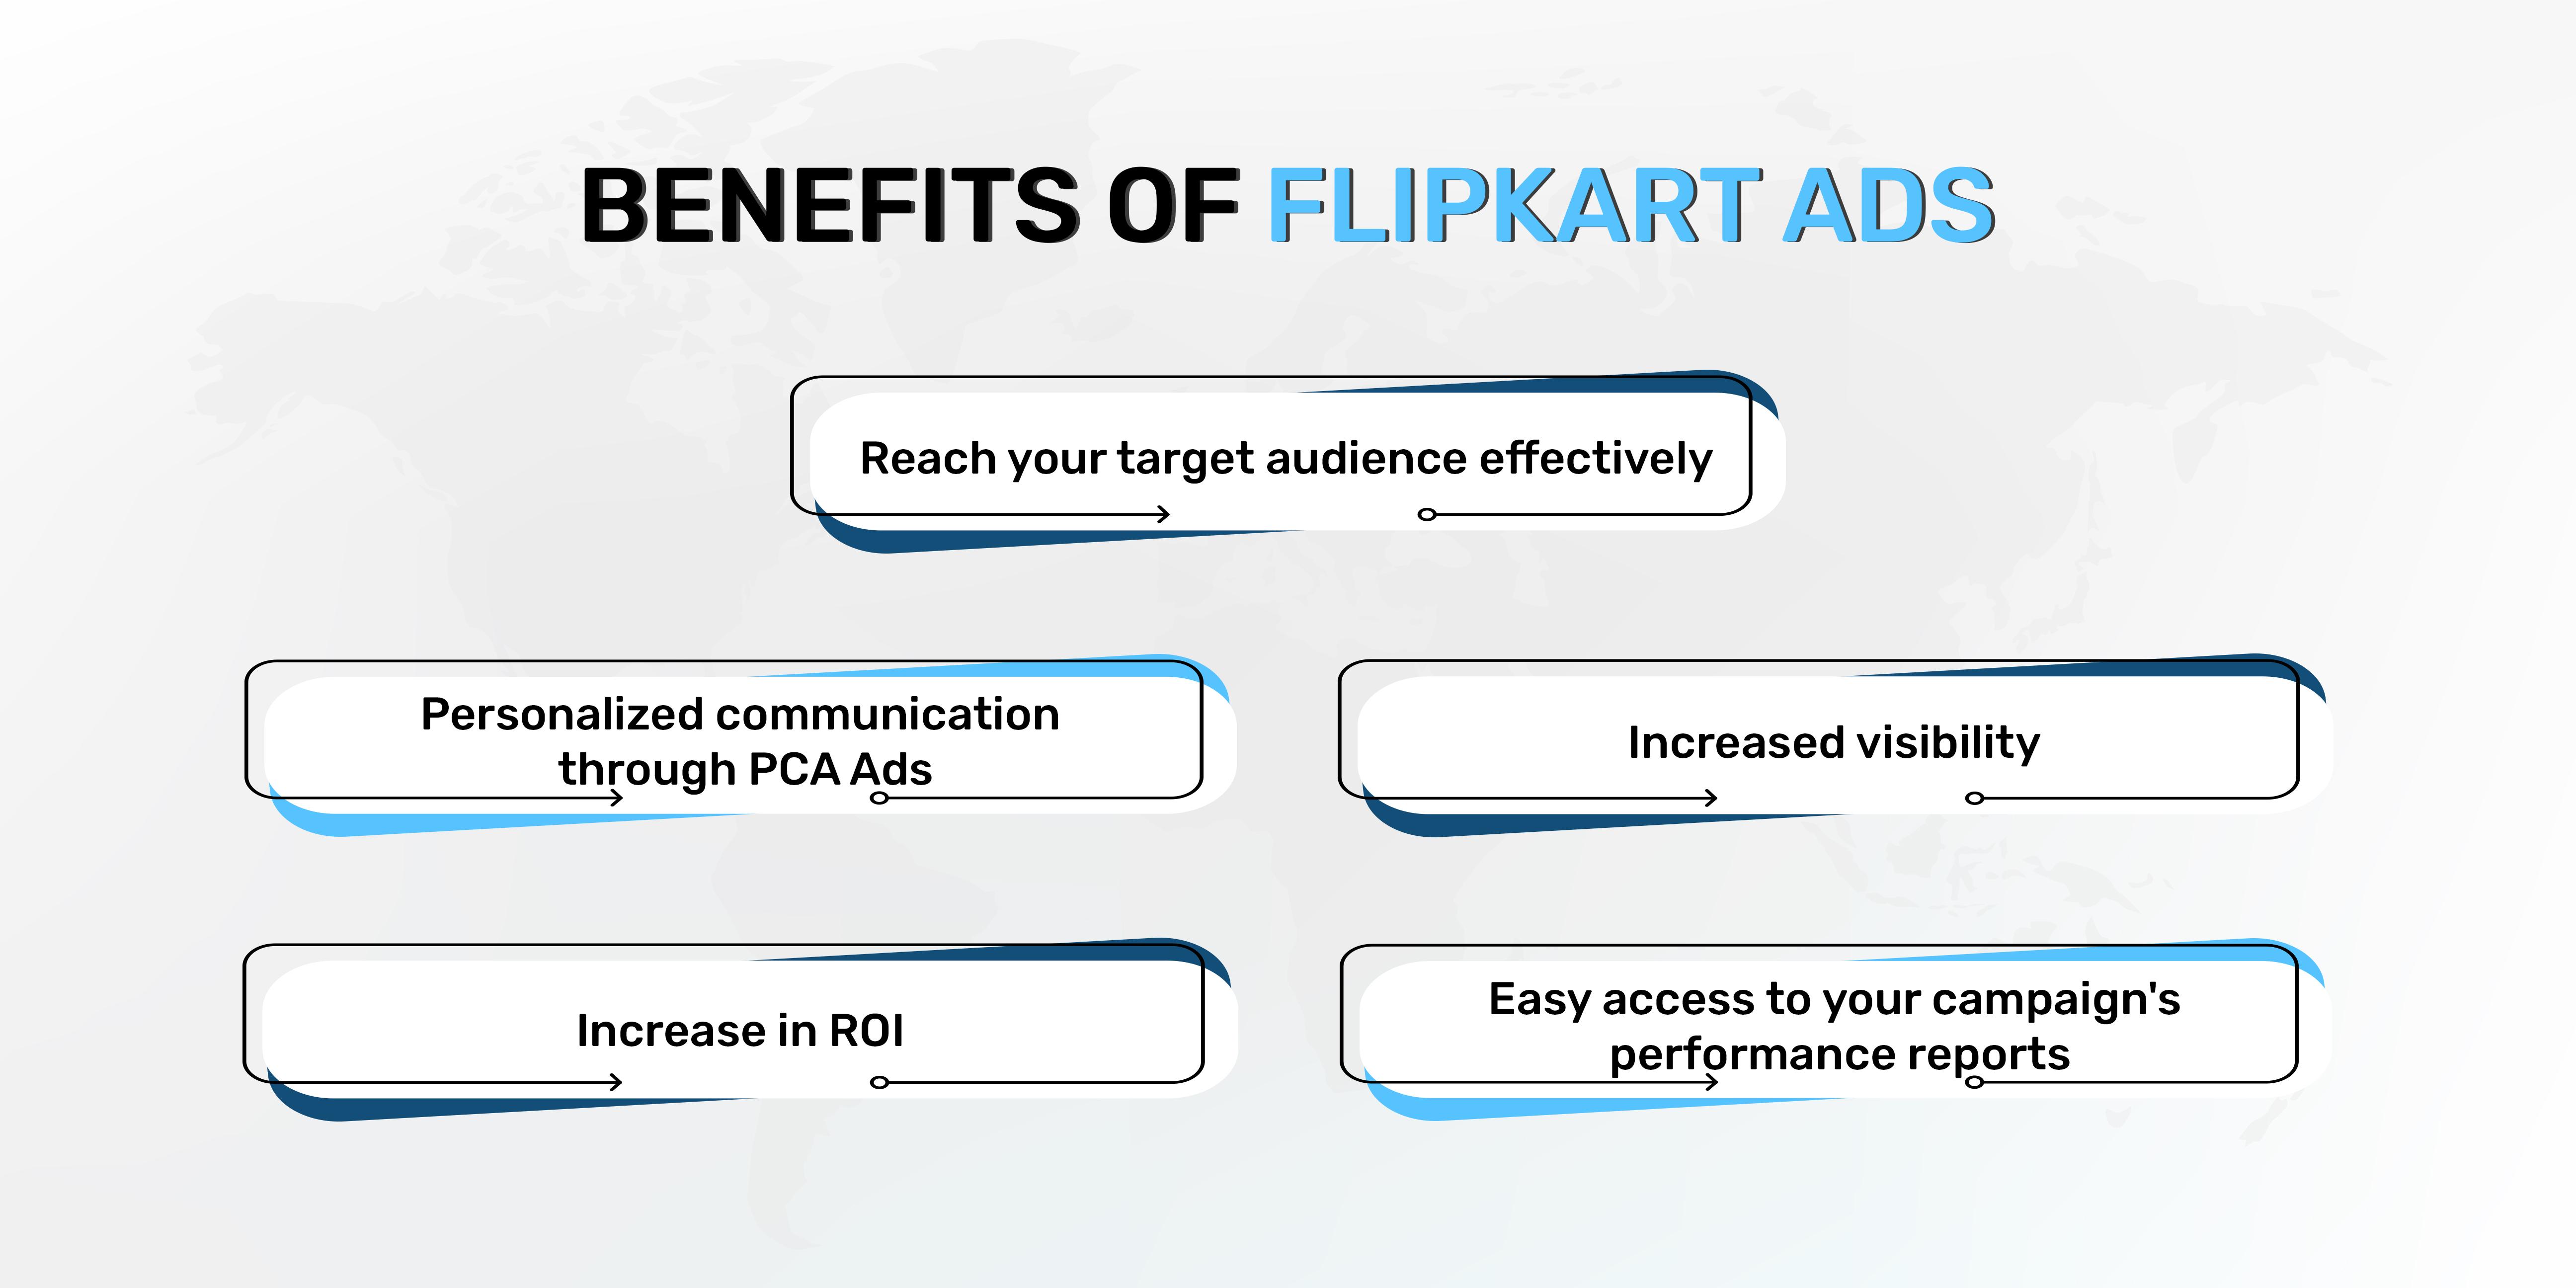 benefits of Flipkart ads